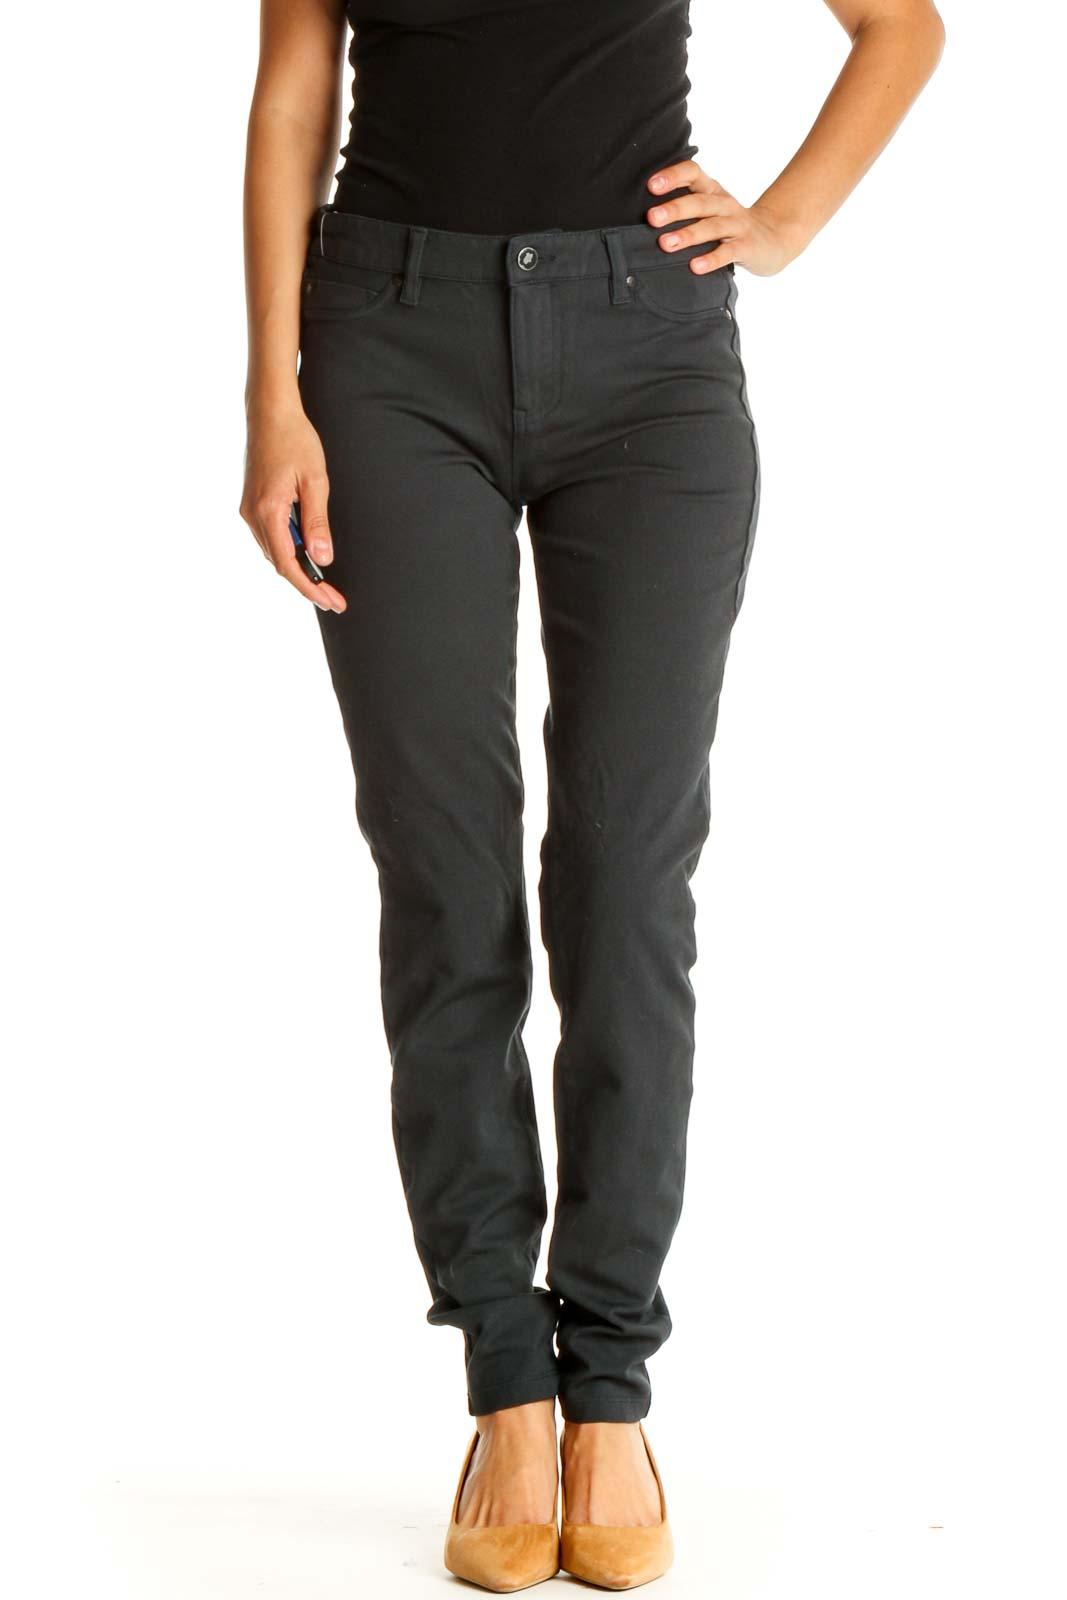 Blue Pants Front